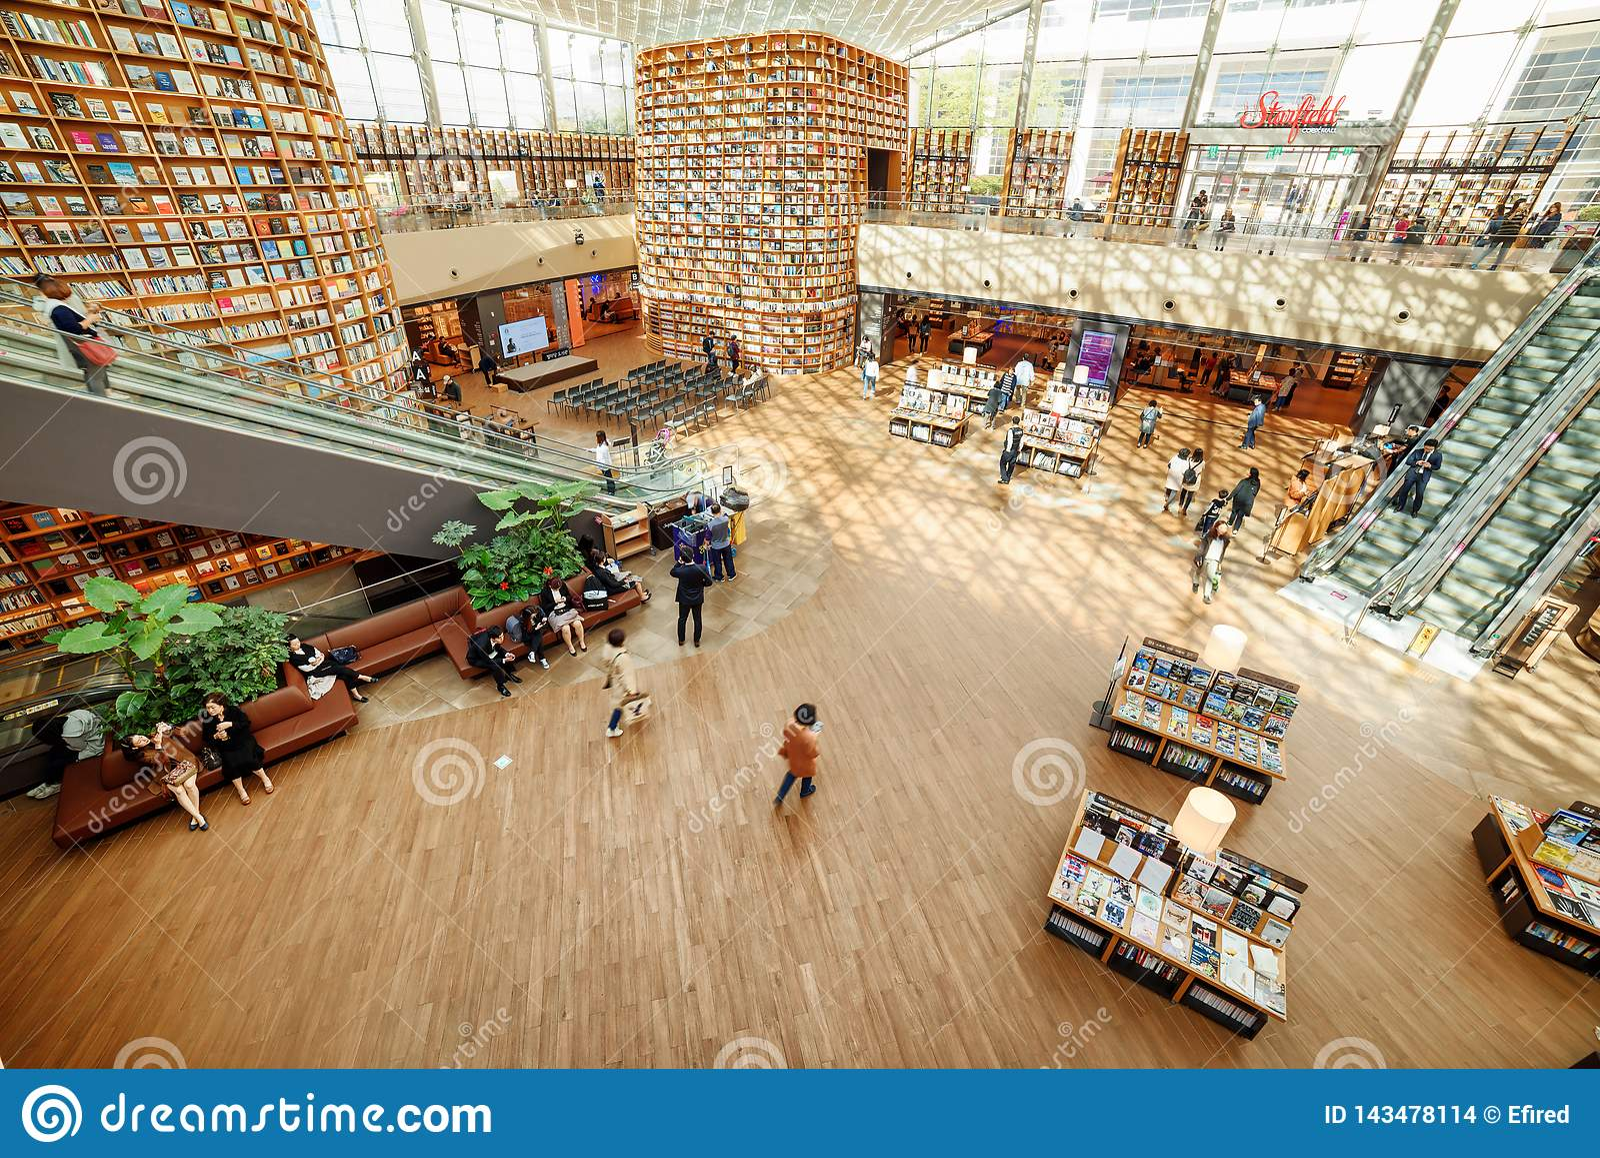 Starfield图书馆读书区域的顶视图,汉城